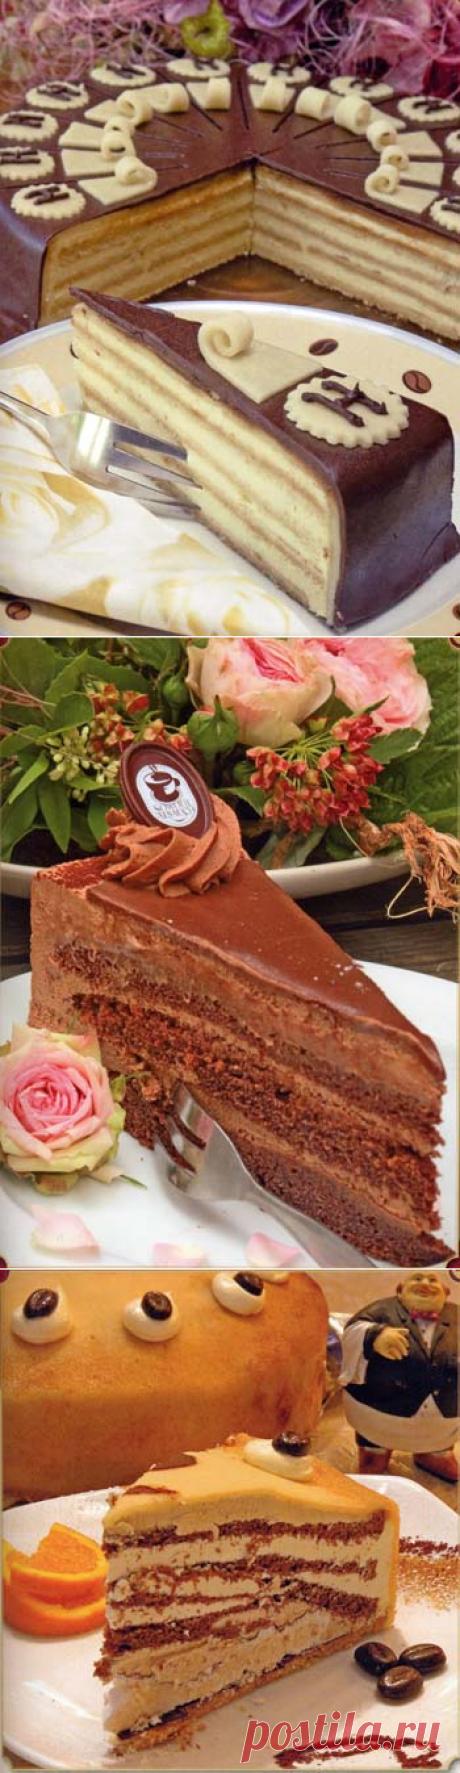 Лучшие рецепты праздничных тортов Германии